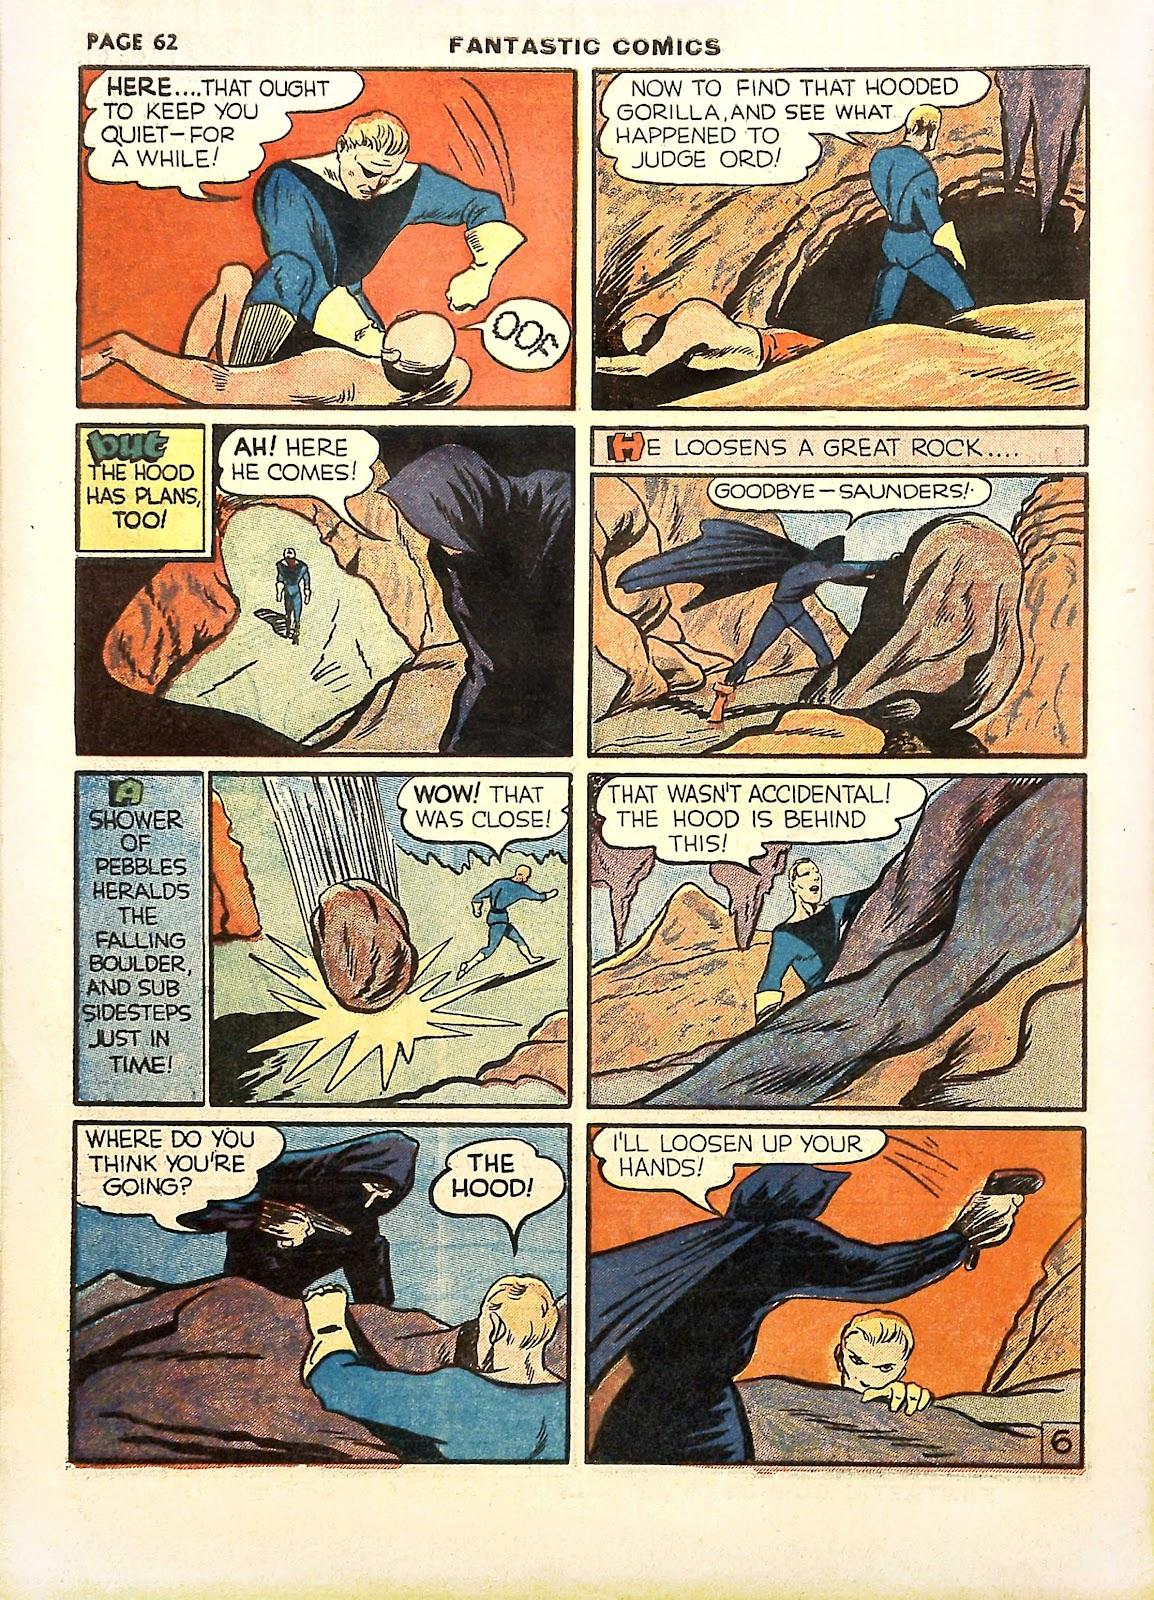 Read online Fantastic Comics comic -  Issue #11 - 65